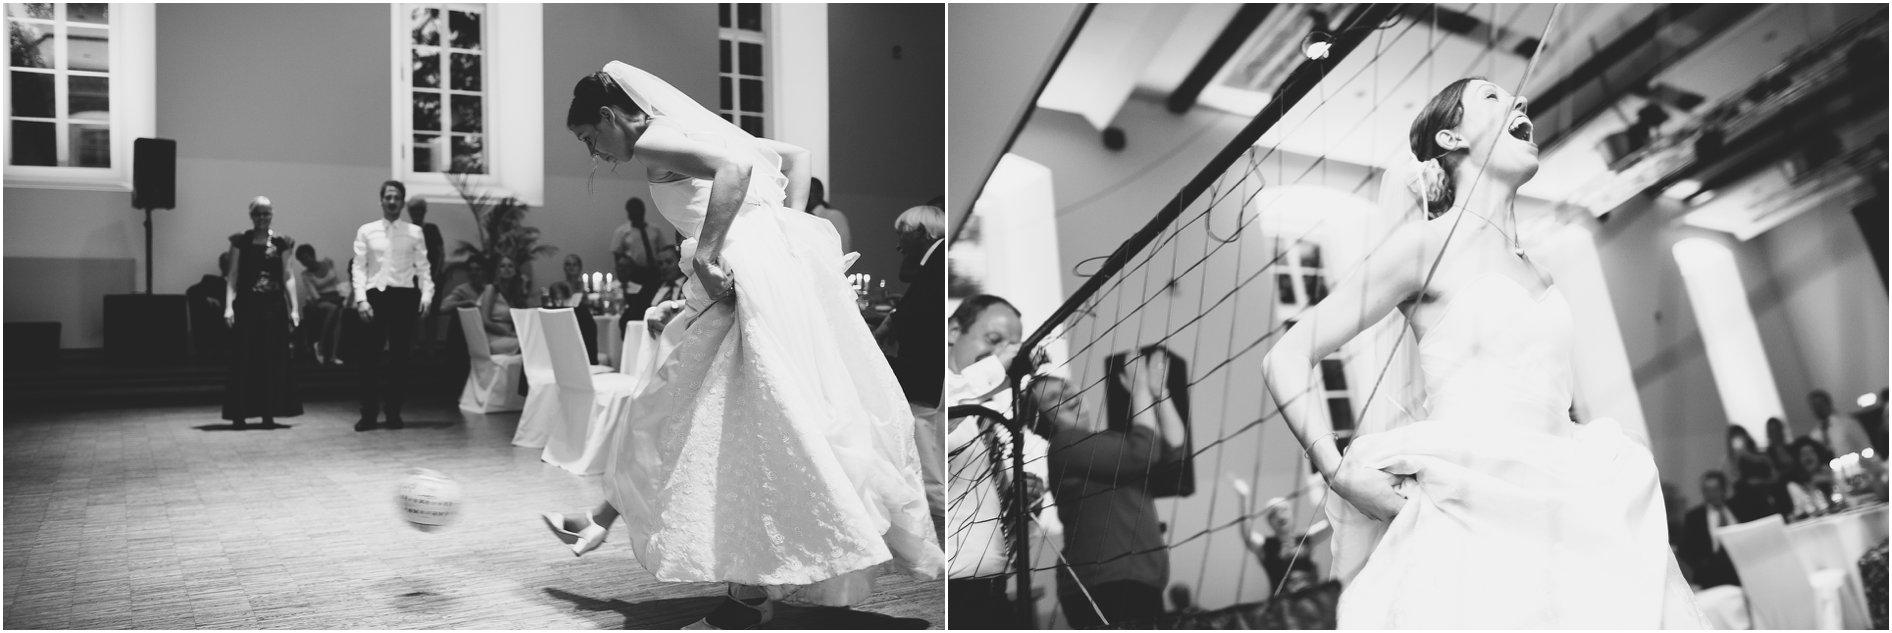 2014-08-07_0081 Wiebke und Marcio - Hochzeitsfotograf in Lüneburg